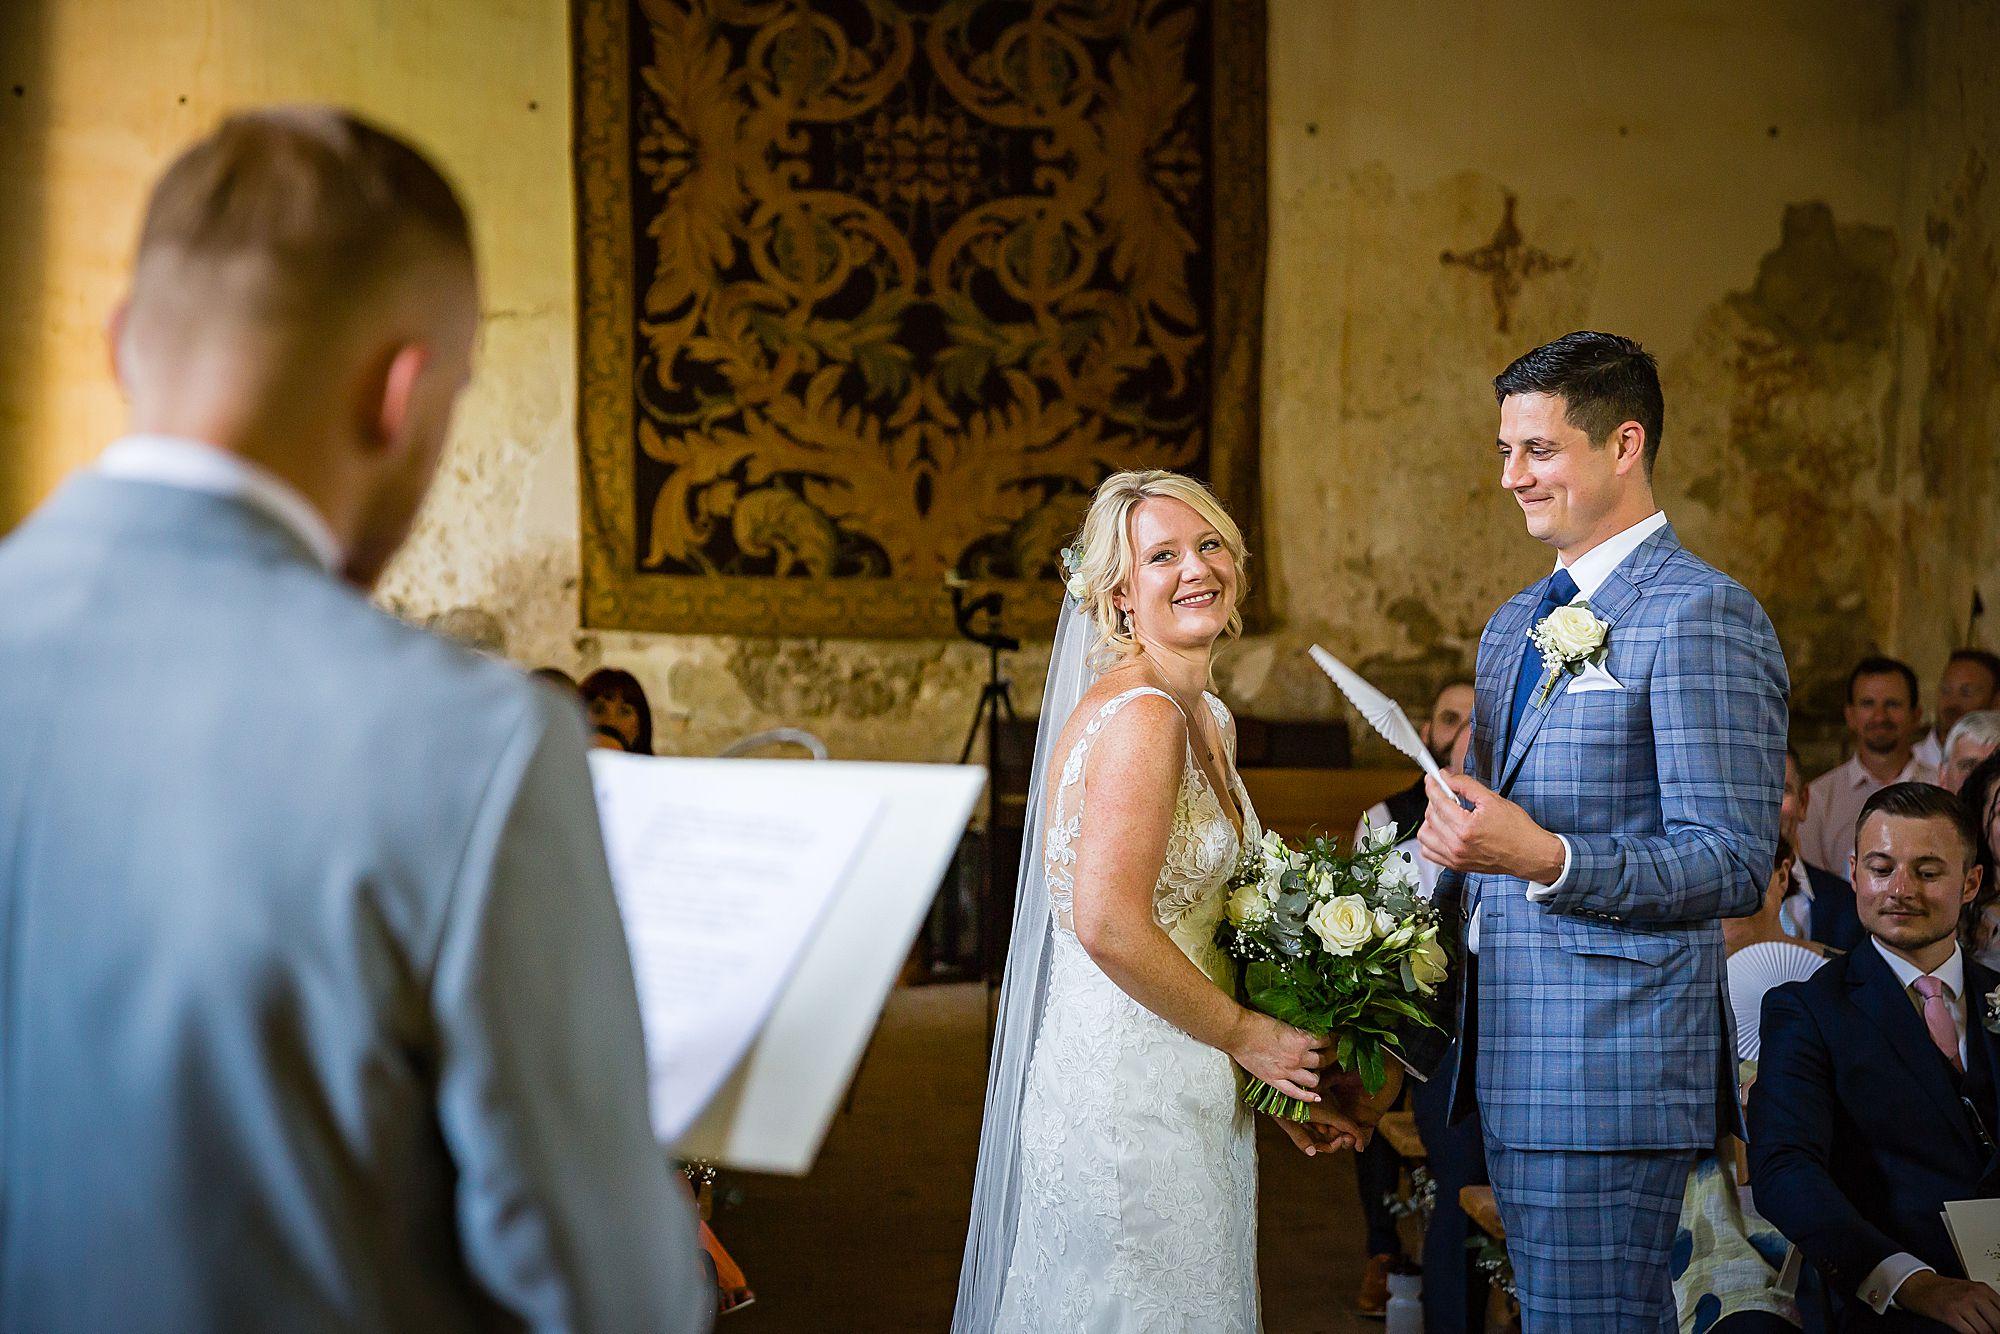 wedding ceremony at Chateau de Queille